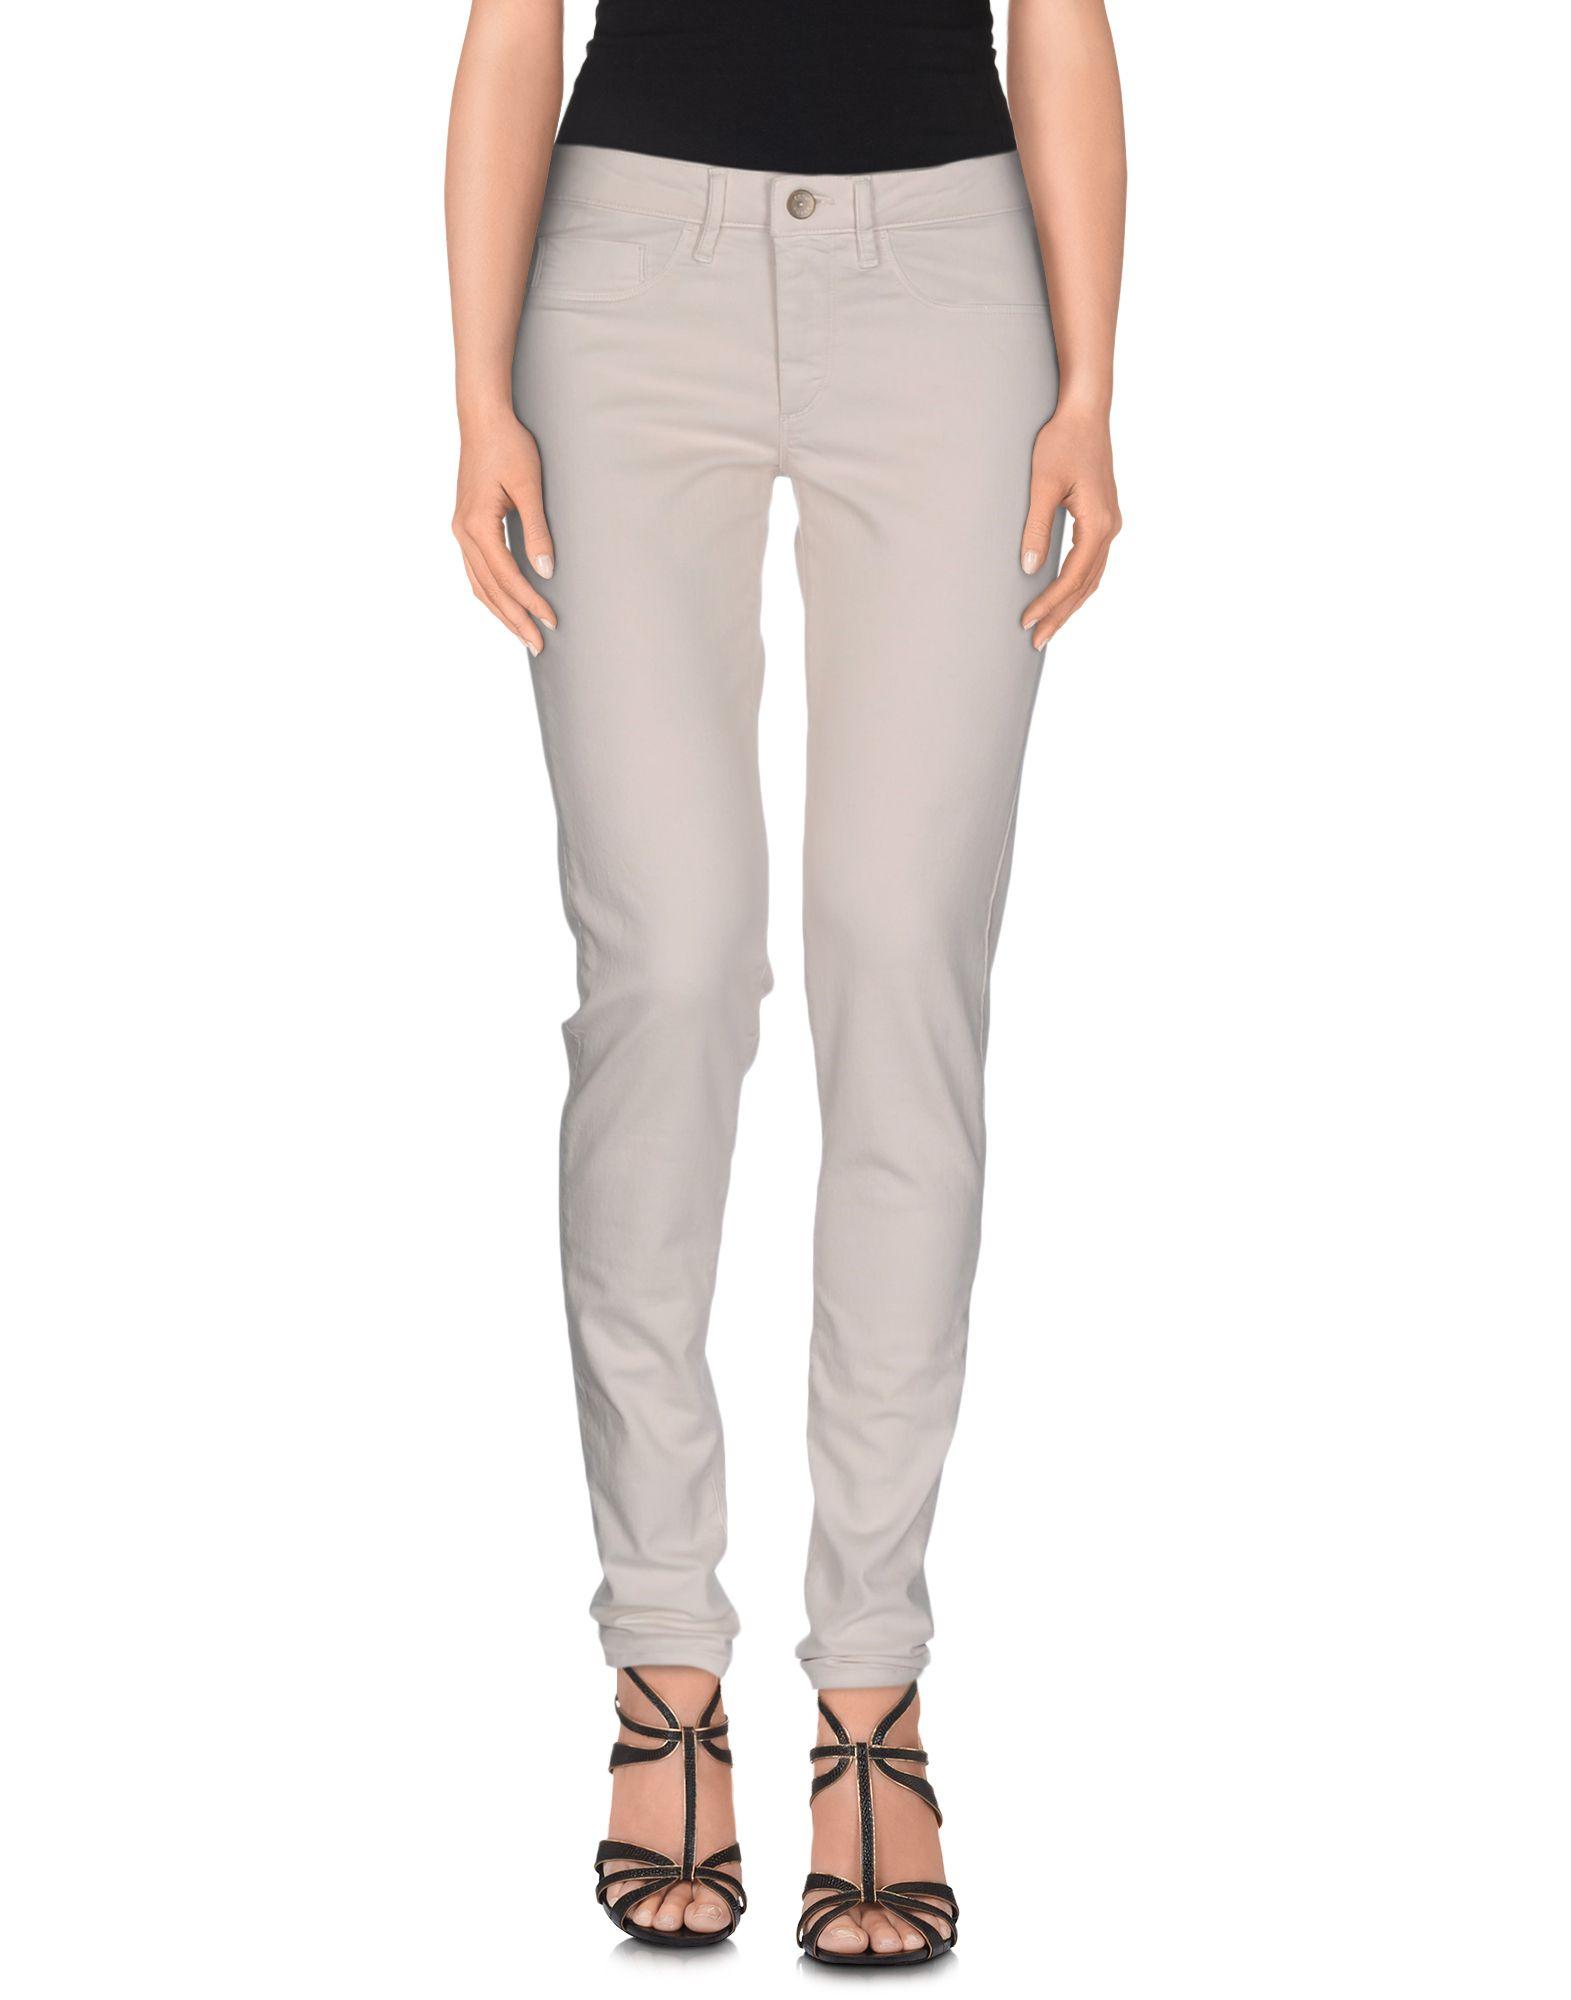 FRED PERRY Damen Jeanshose Farbe Elfenbein Größe 4